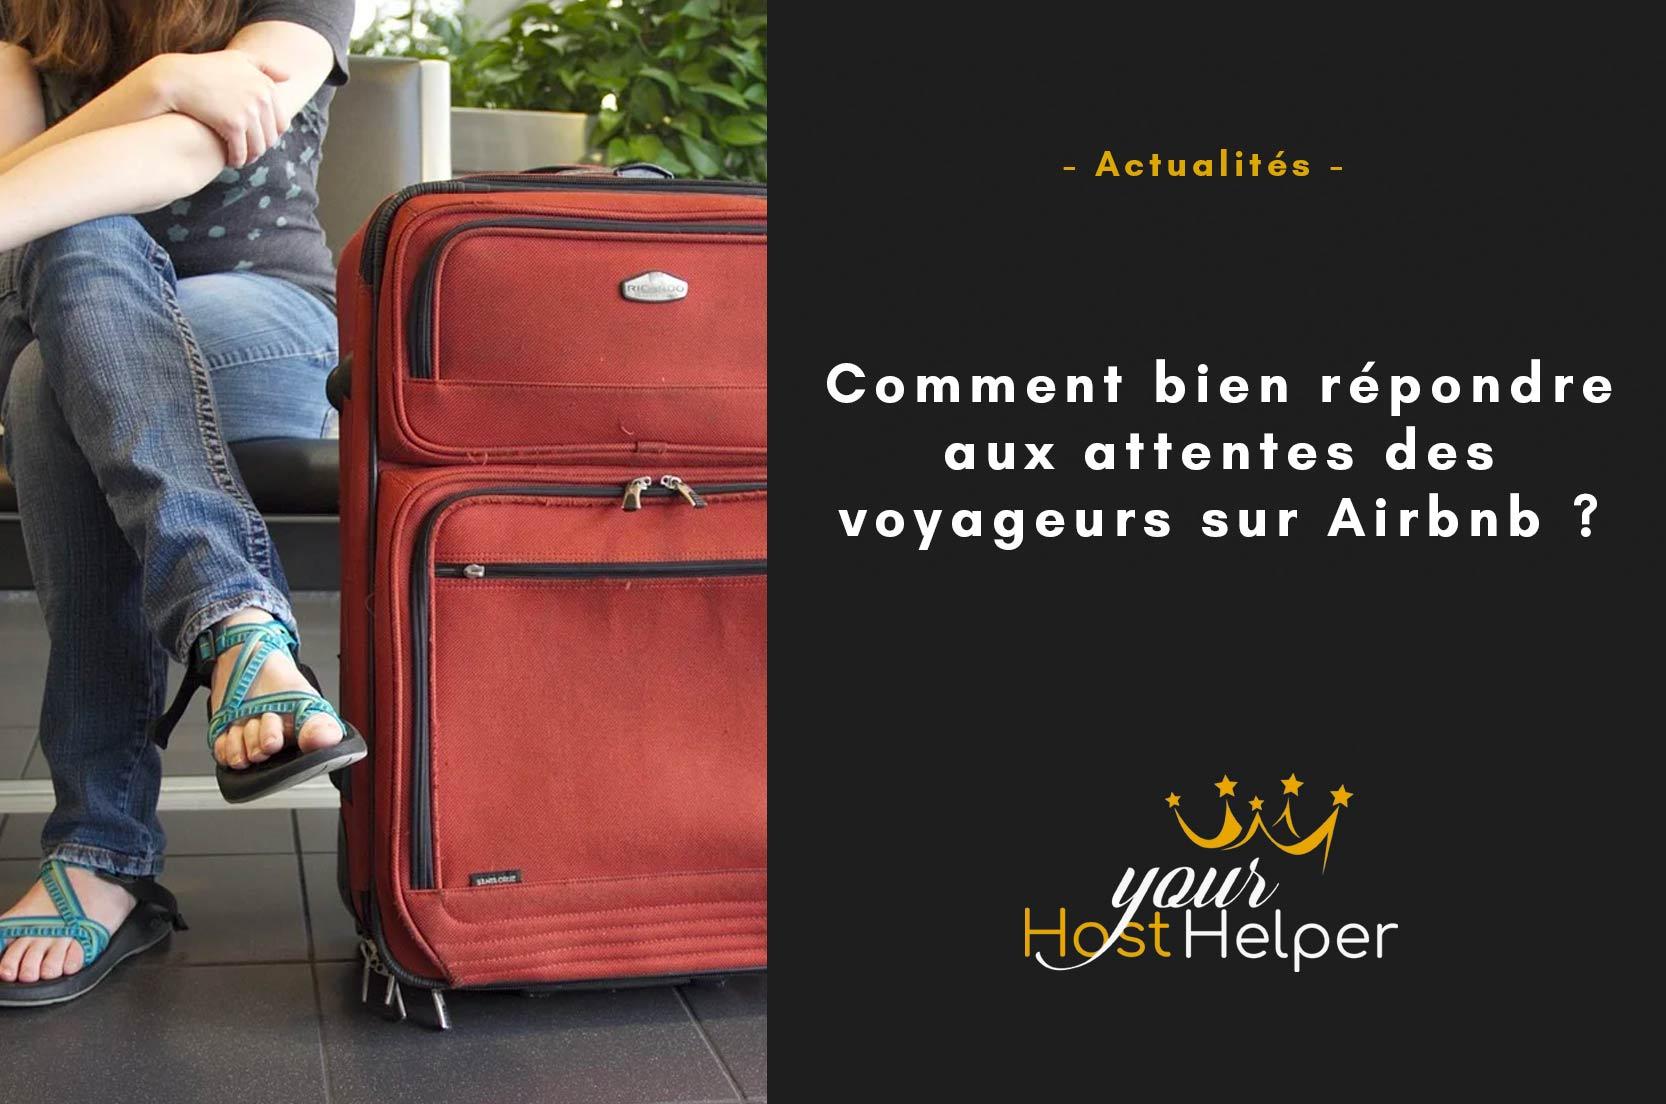 Comment bien répondre aux attentes des voyageurs sur Airbnb ?